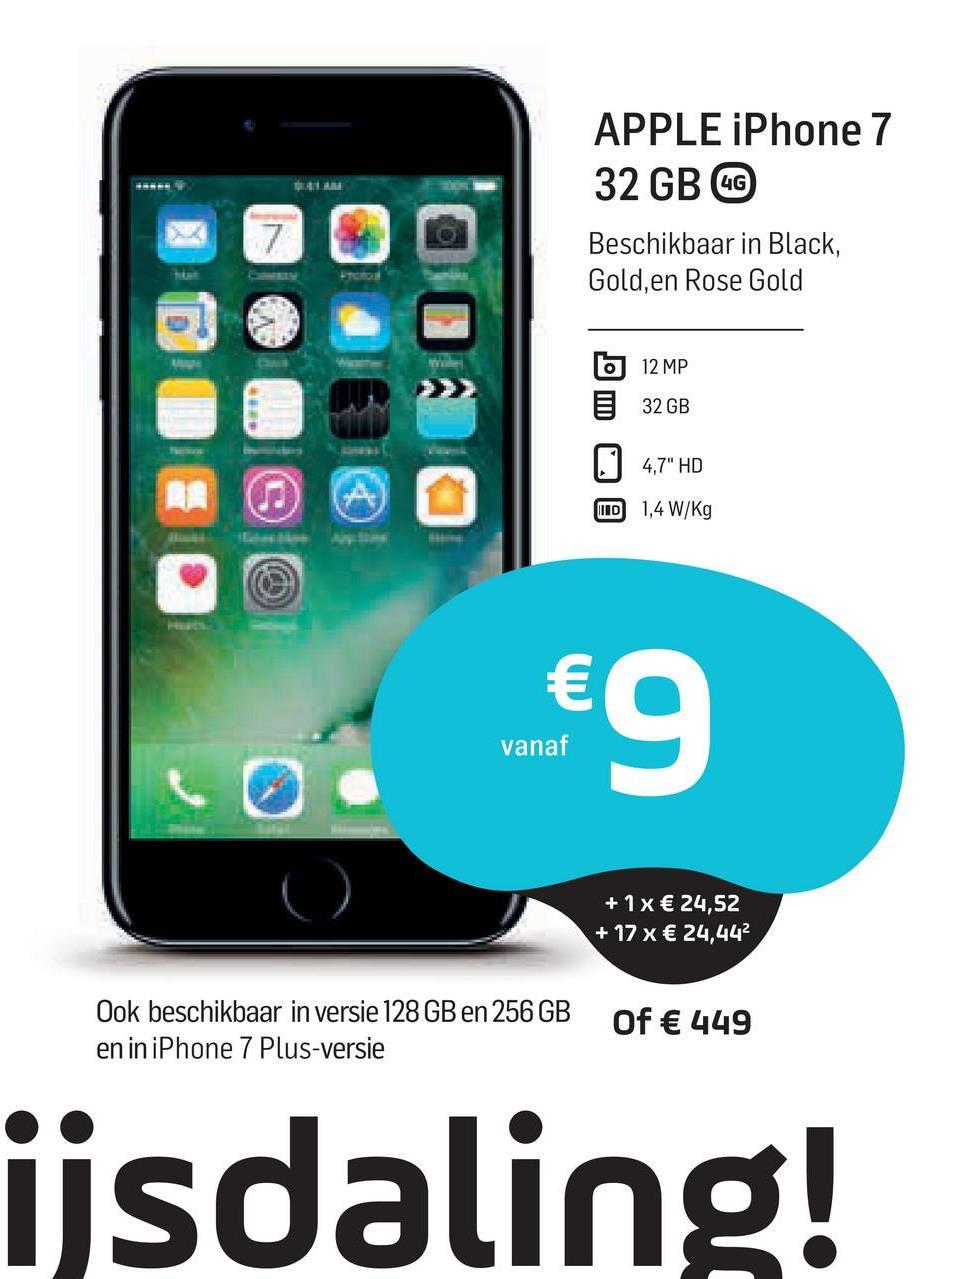 """APPLE iPhone 7 32 GB CO Beschikbaar in Black, Gold, en Rose Gold b 12 MP 32 GB 4,7"""" HD ID 1,4 W/Kg € 9 vanaf + 1x € 24,52 + 17 x € 24,442 Ook beschikbaar in versie 128 GB en 256 GB en in iPhone 7 Plus-versie of € 449 ijsdaling!"""